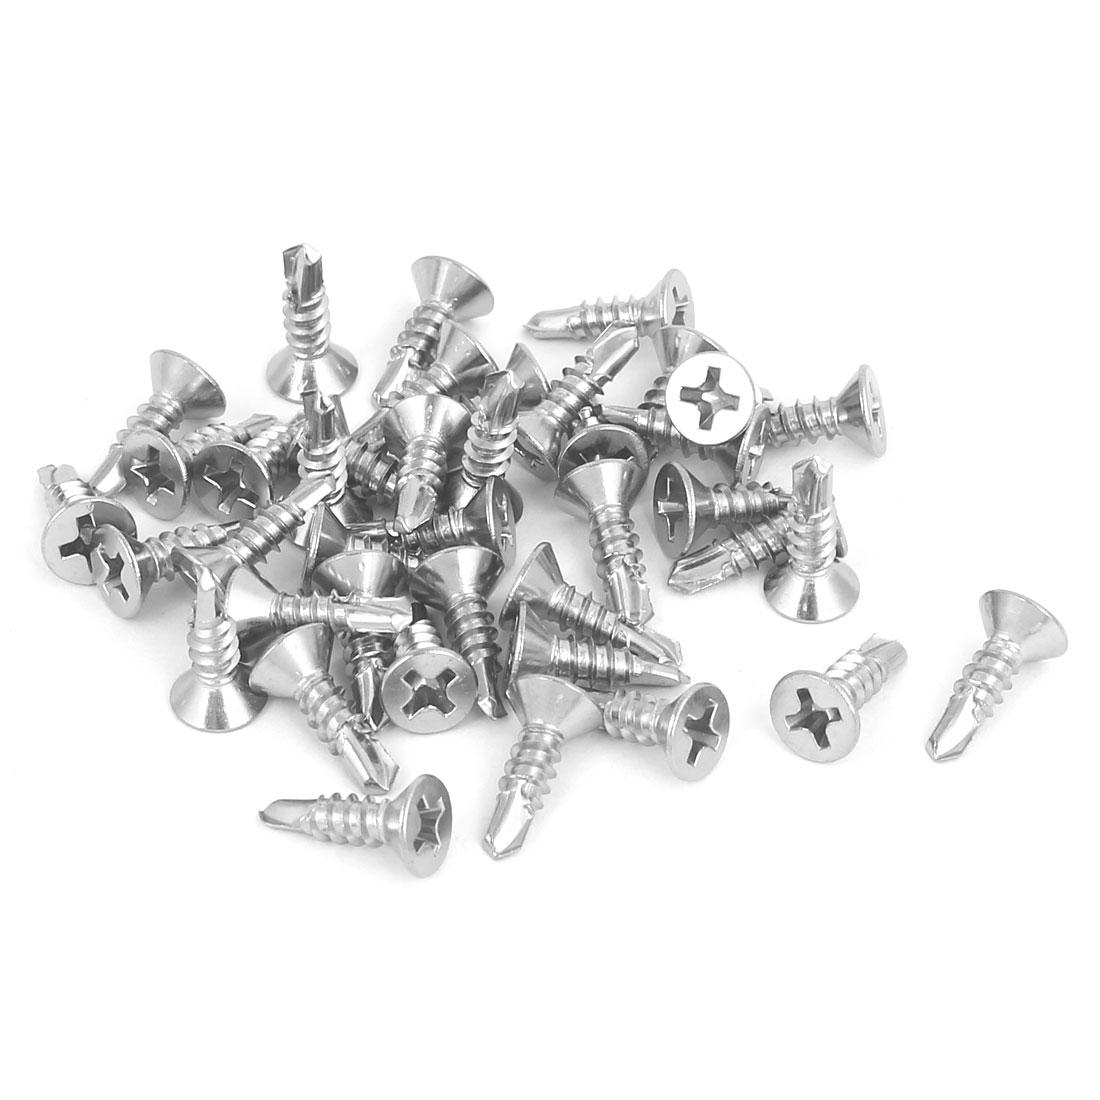 M3.5 x 13mm Male Thread Phillips Countersunk Head Self Drilling Screws 40 Pcs